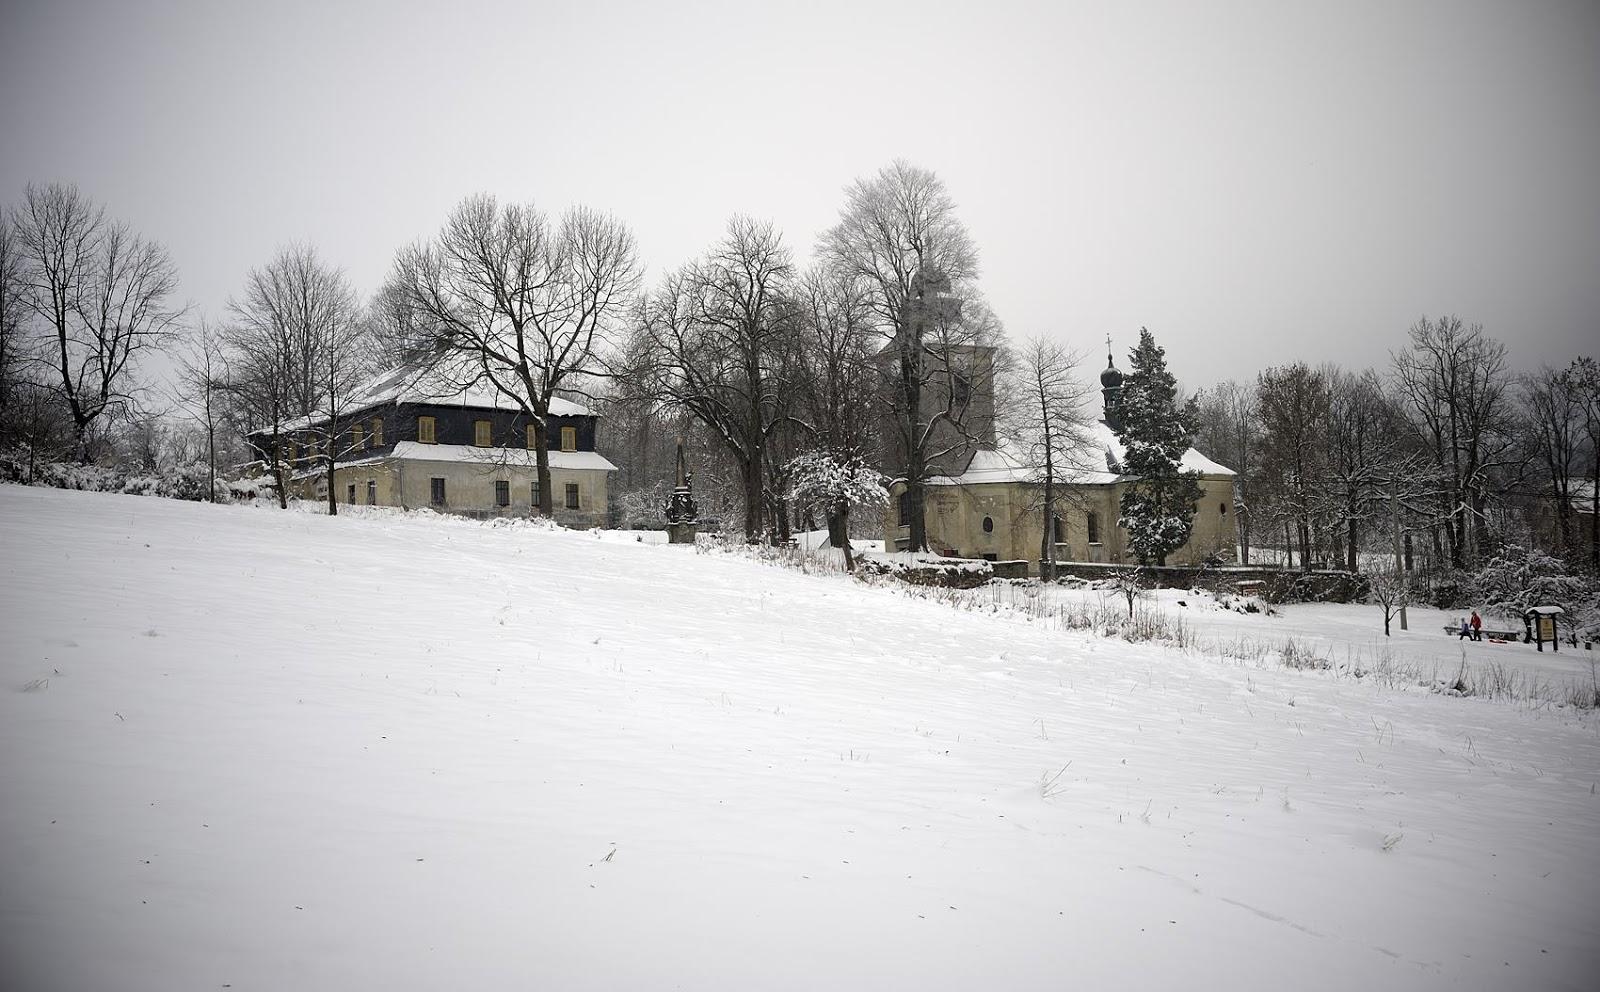 Barokní komplex tzv. Kittelův areál, autor: Pavel Hála, 2010